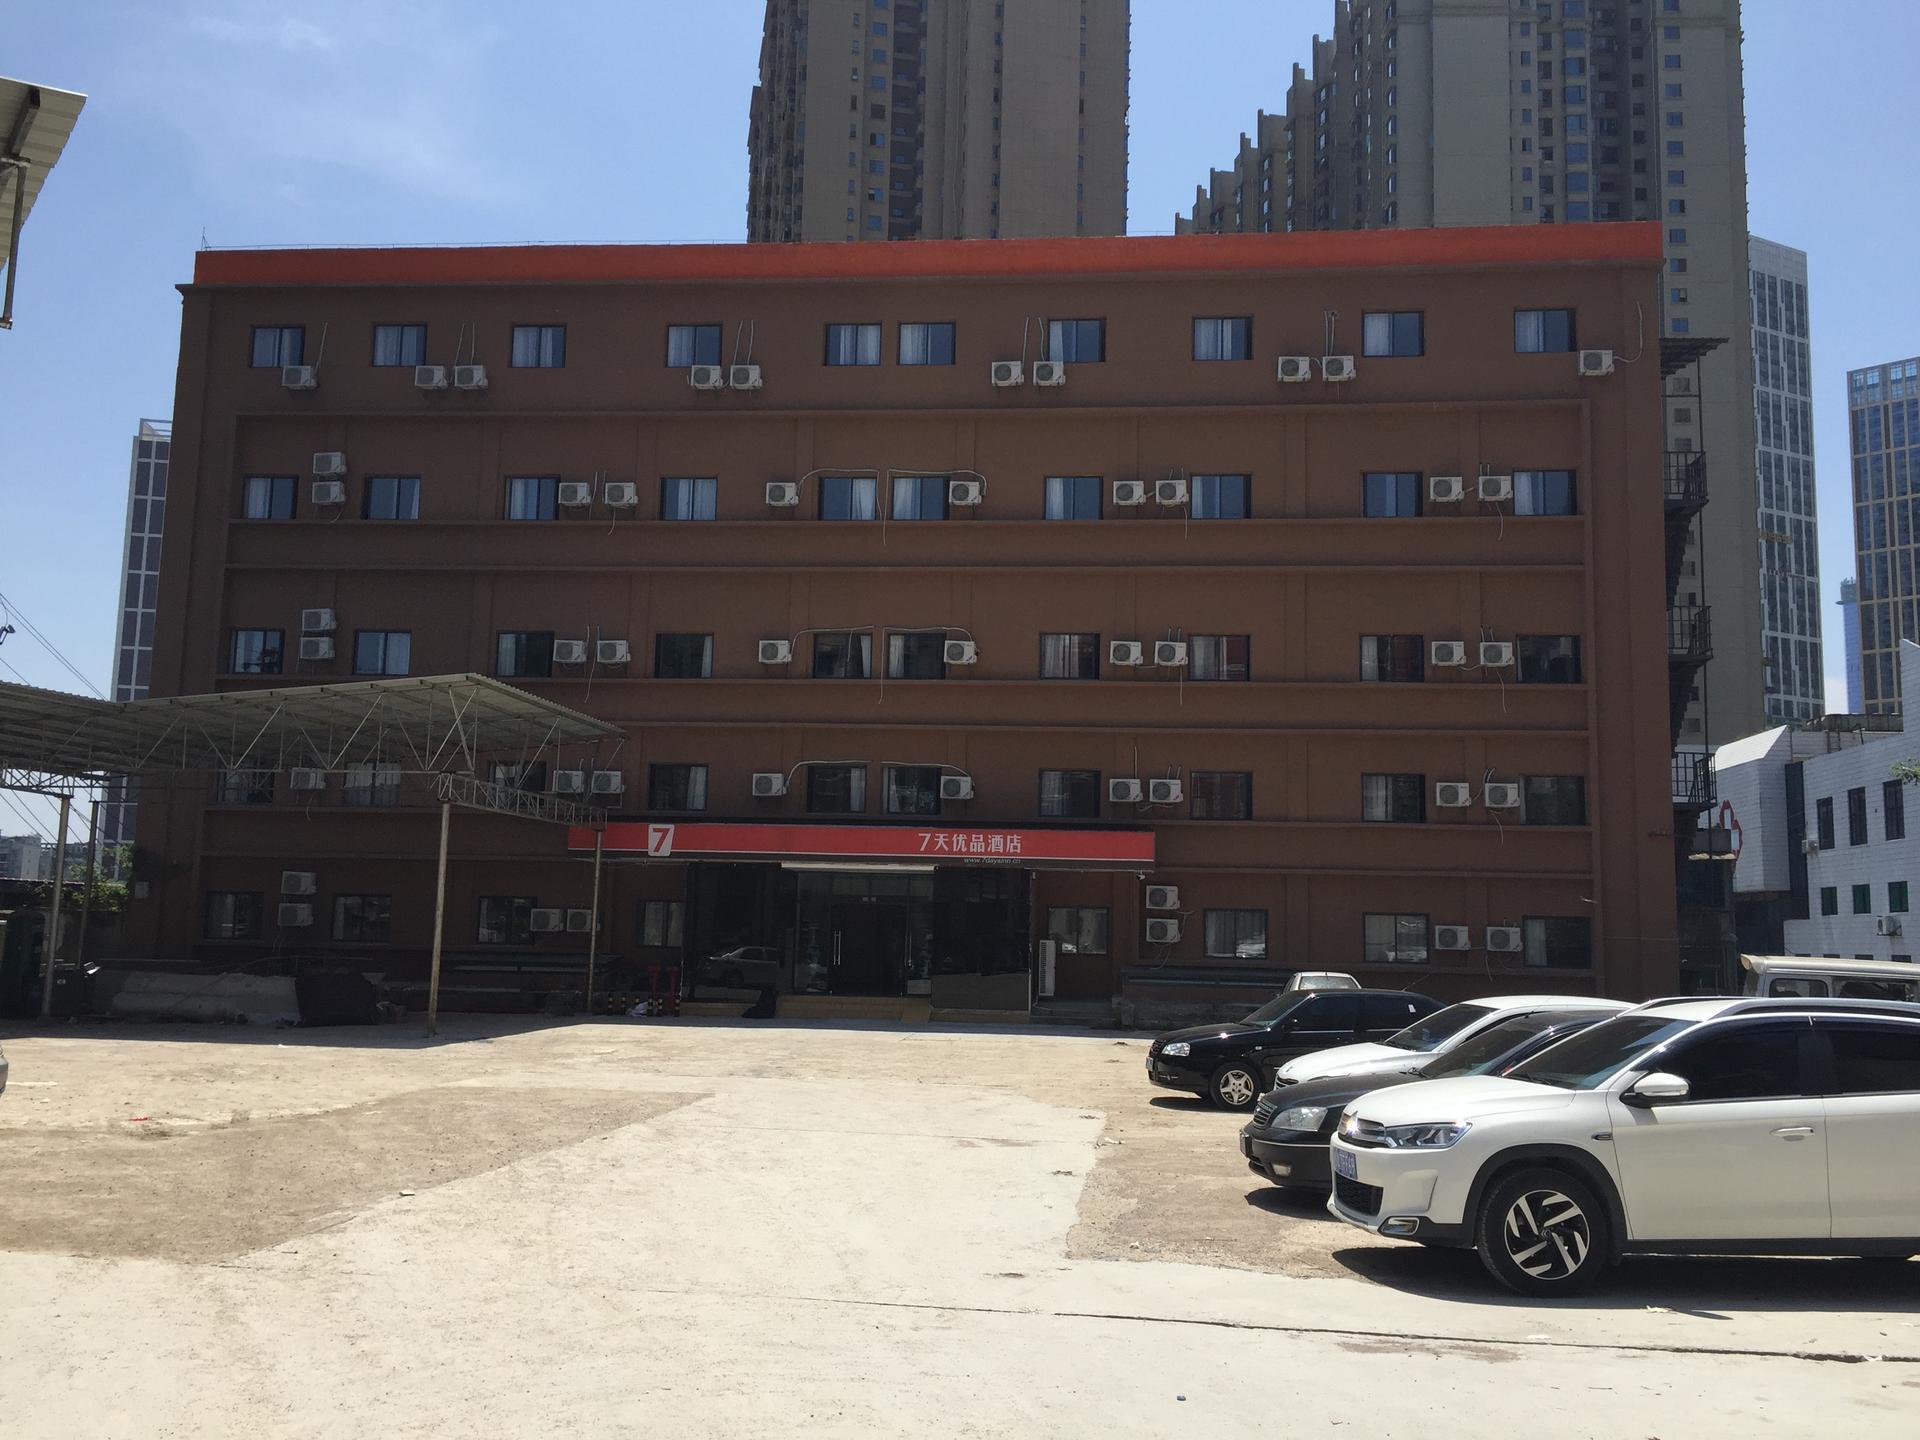 7 Days Premium·Guiyang Huaguoyuan Shopping Center, Guiyang